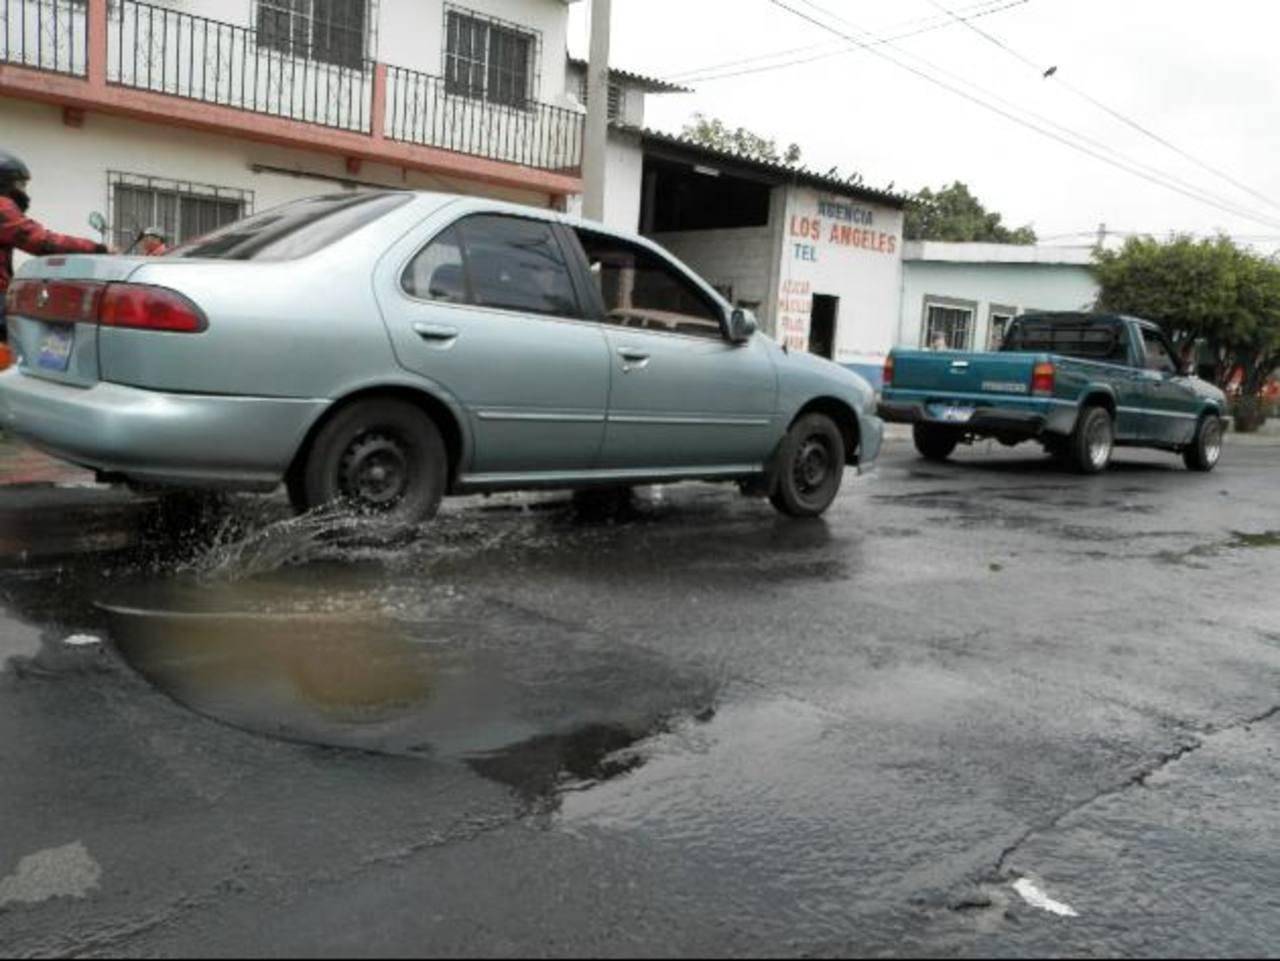 La gran cantidad de vehículos que circula por el lugar ha hecho que el problema se agrande. Foto EDH / milton jaco